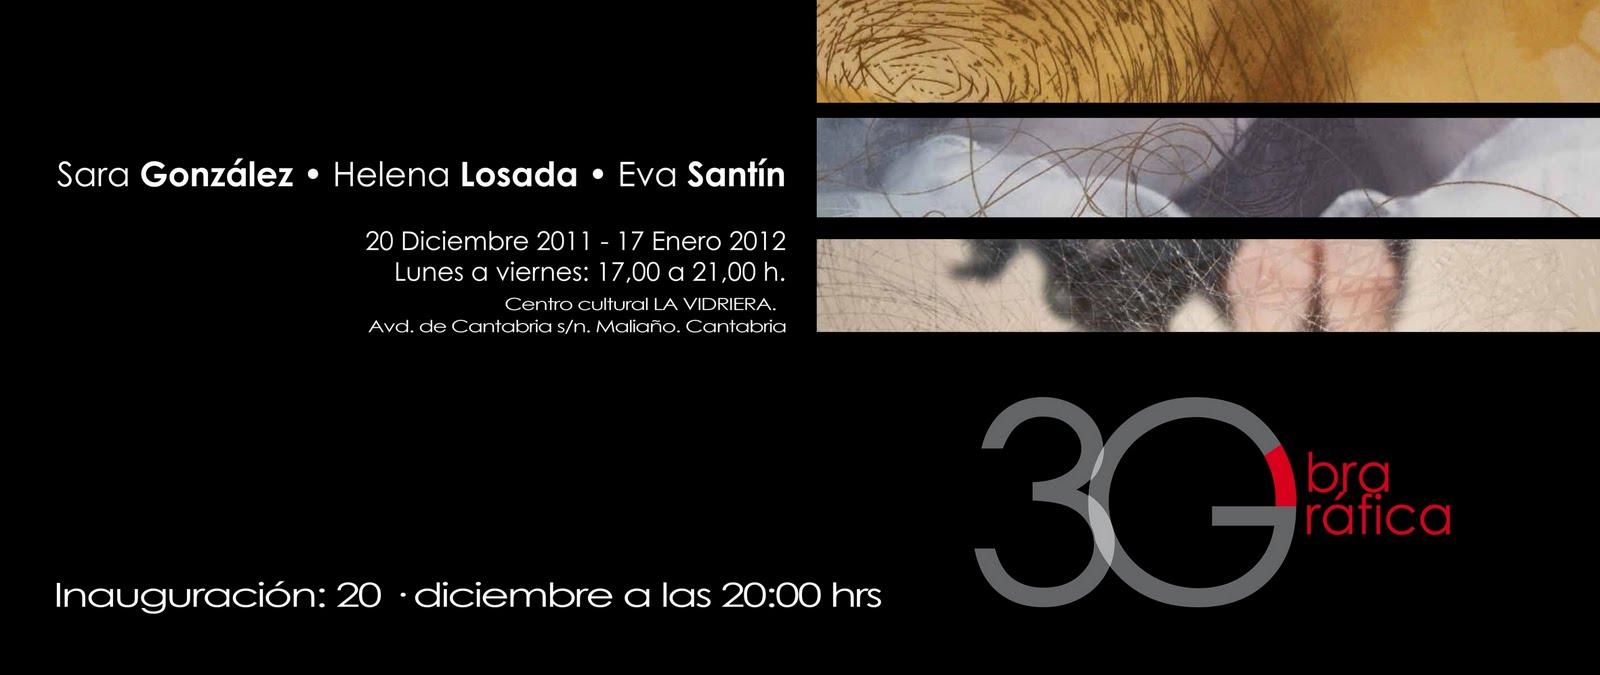 Exposición de obra gráfica 3G